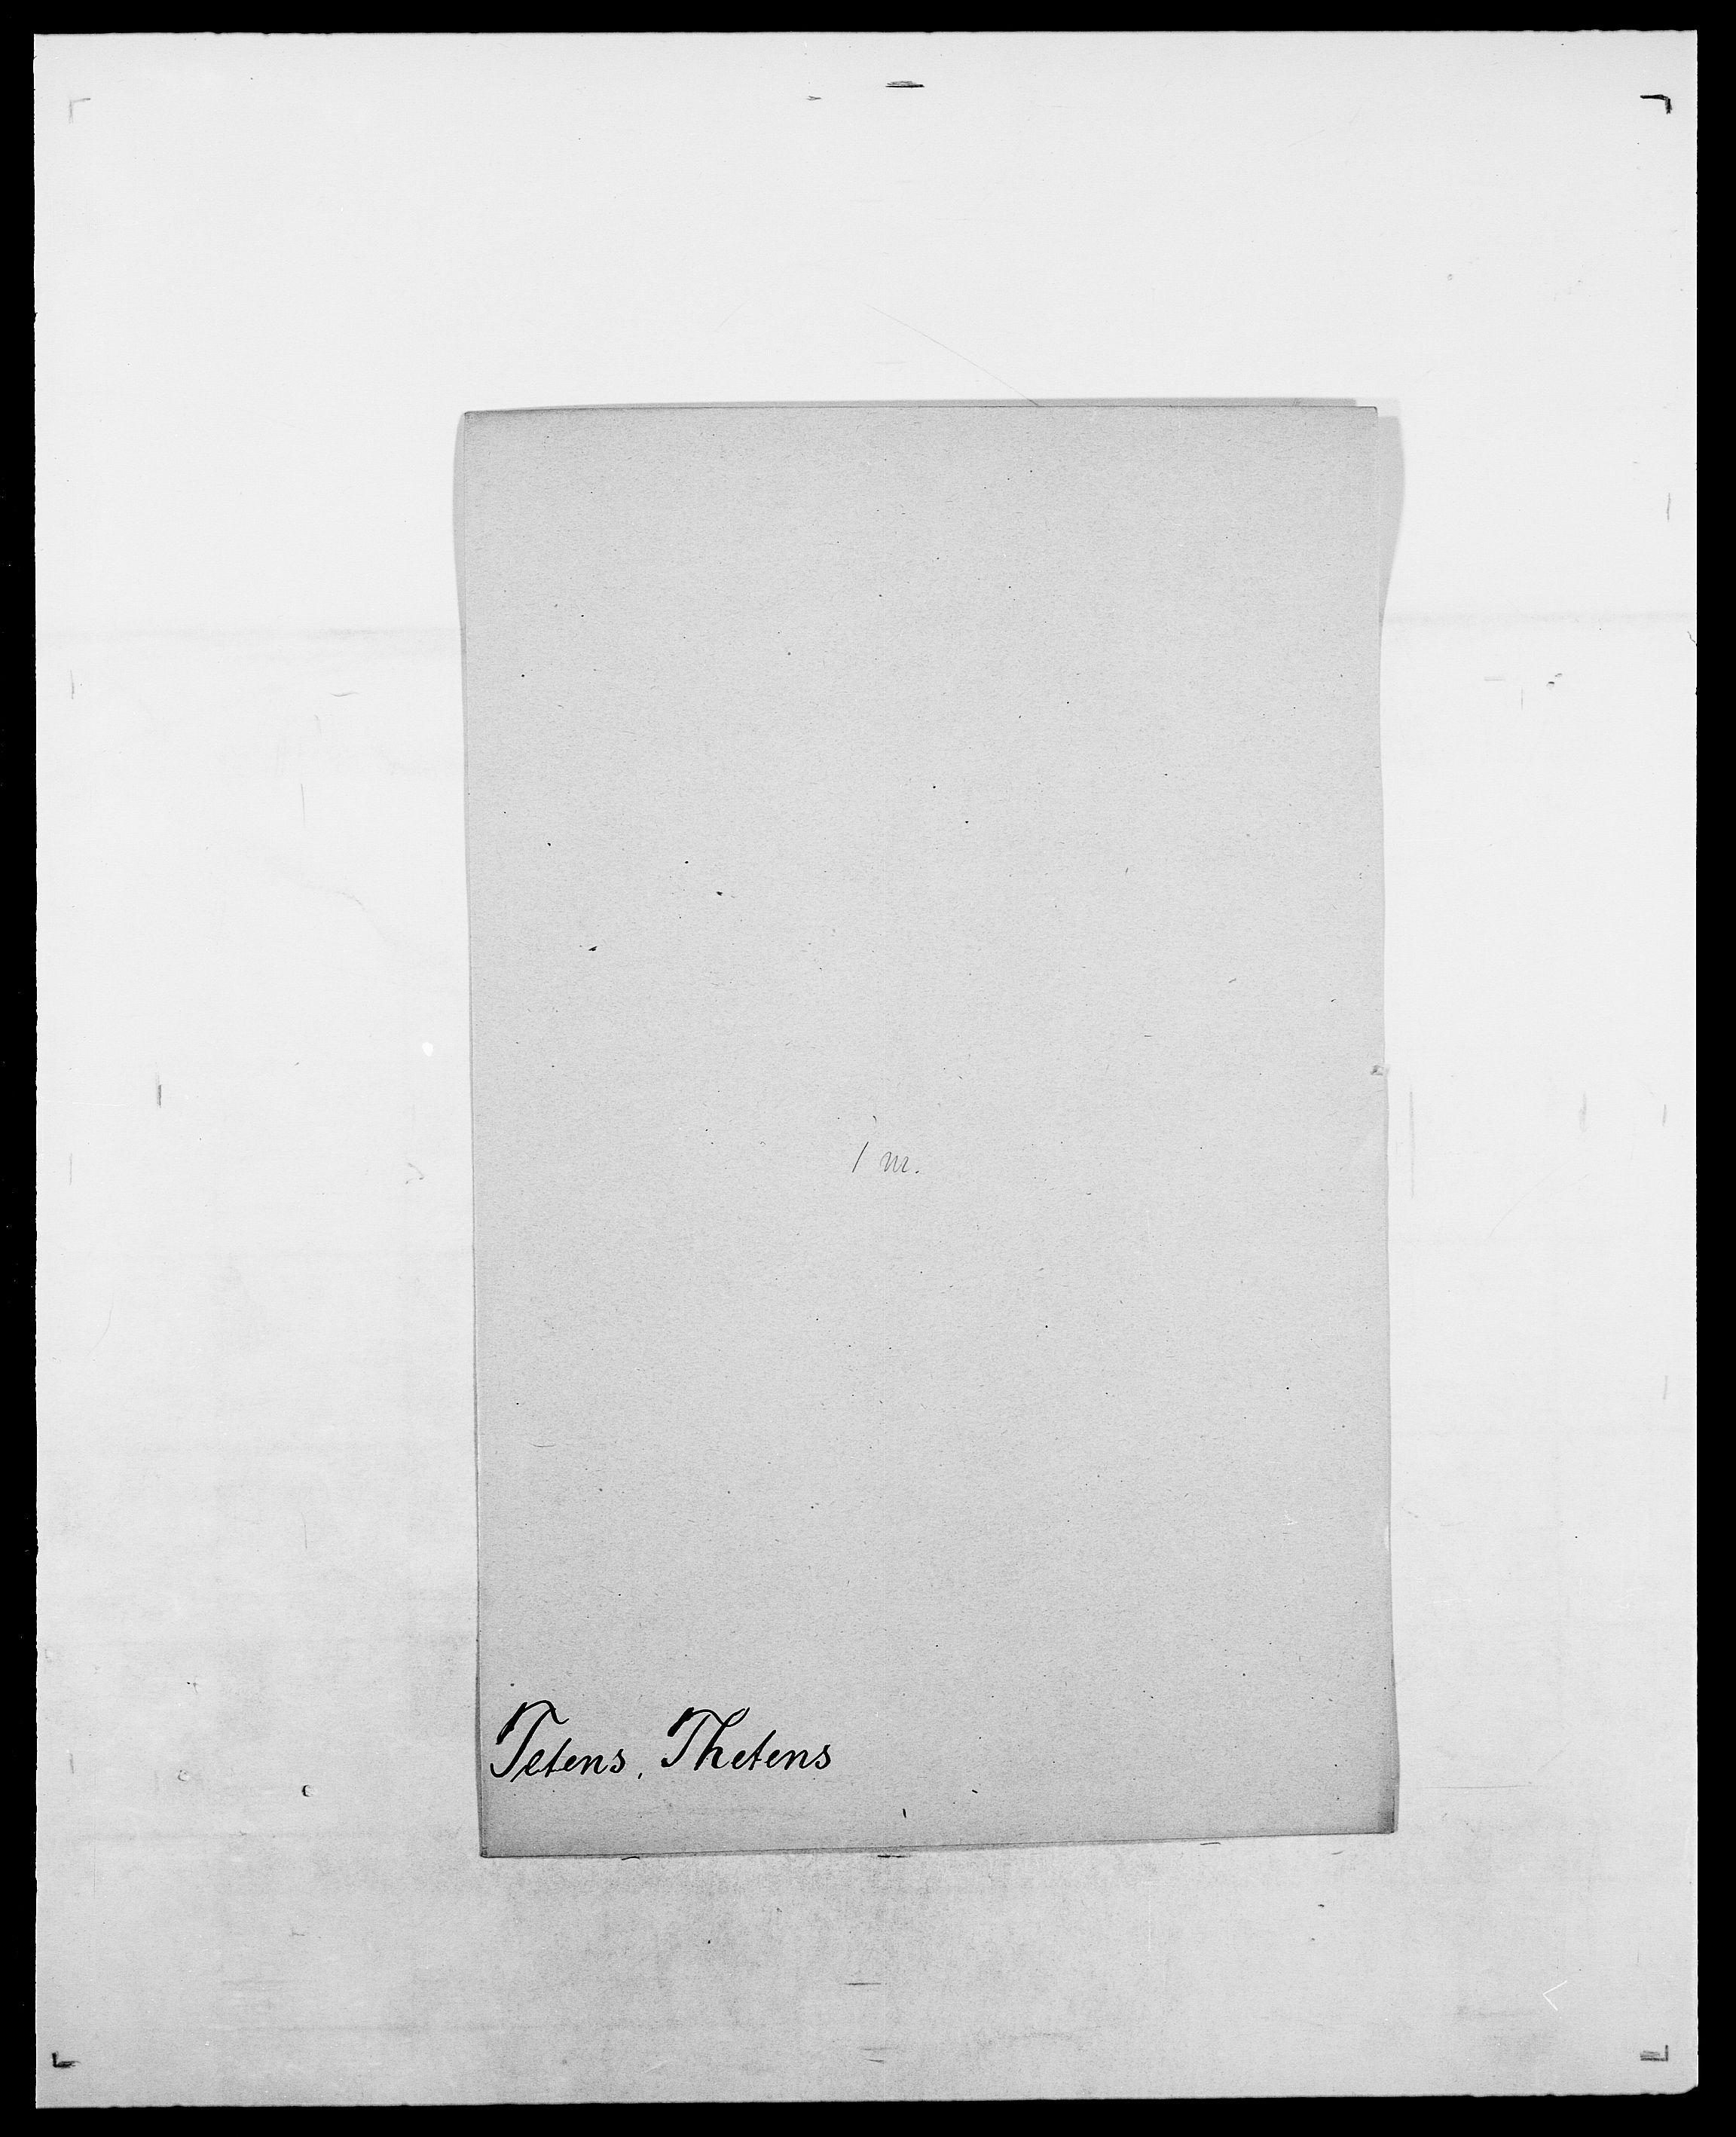 SAO, Delgobe, Charles Antoine - samling, D/Da/L0038: Svanenskjold - Thornsohn, s. 412